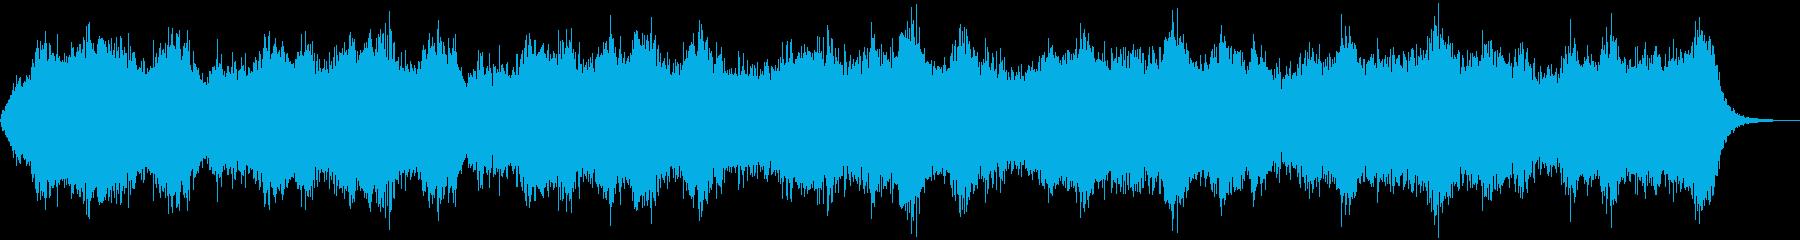 神秘03の再生済みの波形